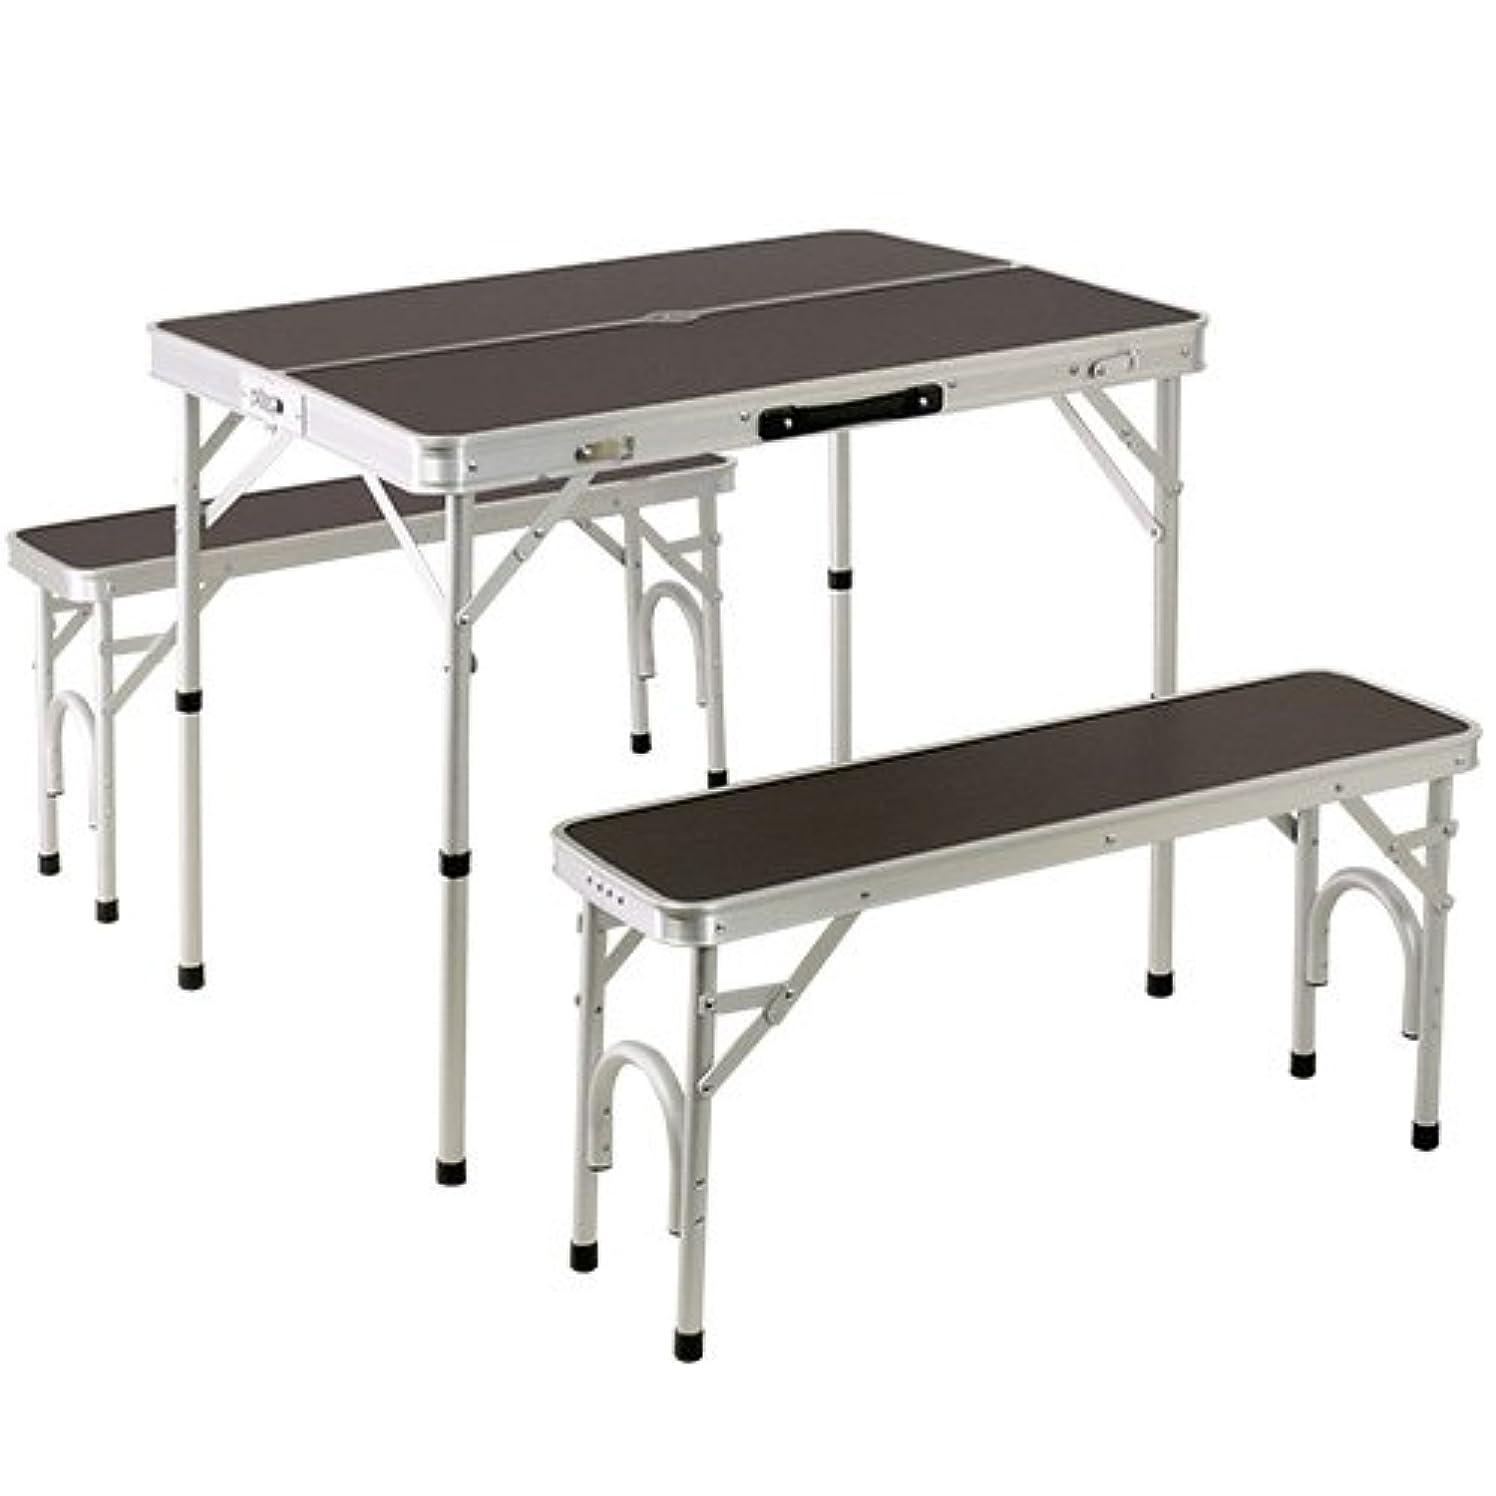 クックやけどファンシーアルミ テーブル チェア セット ALPT-90   2WAY ピクニック アウトドア ベンチ レジャー キャンプ ベンチセット ロースタイル 高さ 調整 可